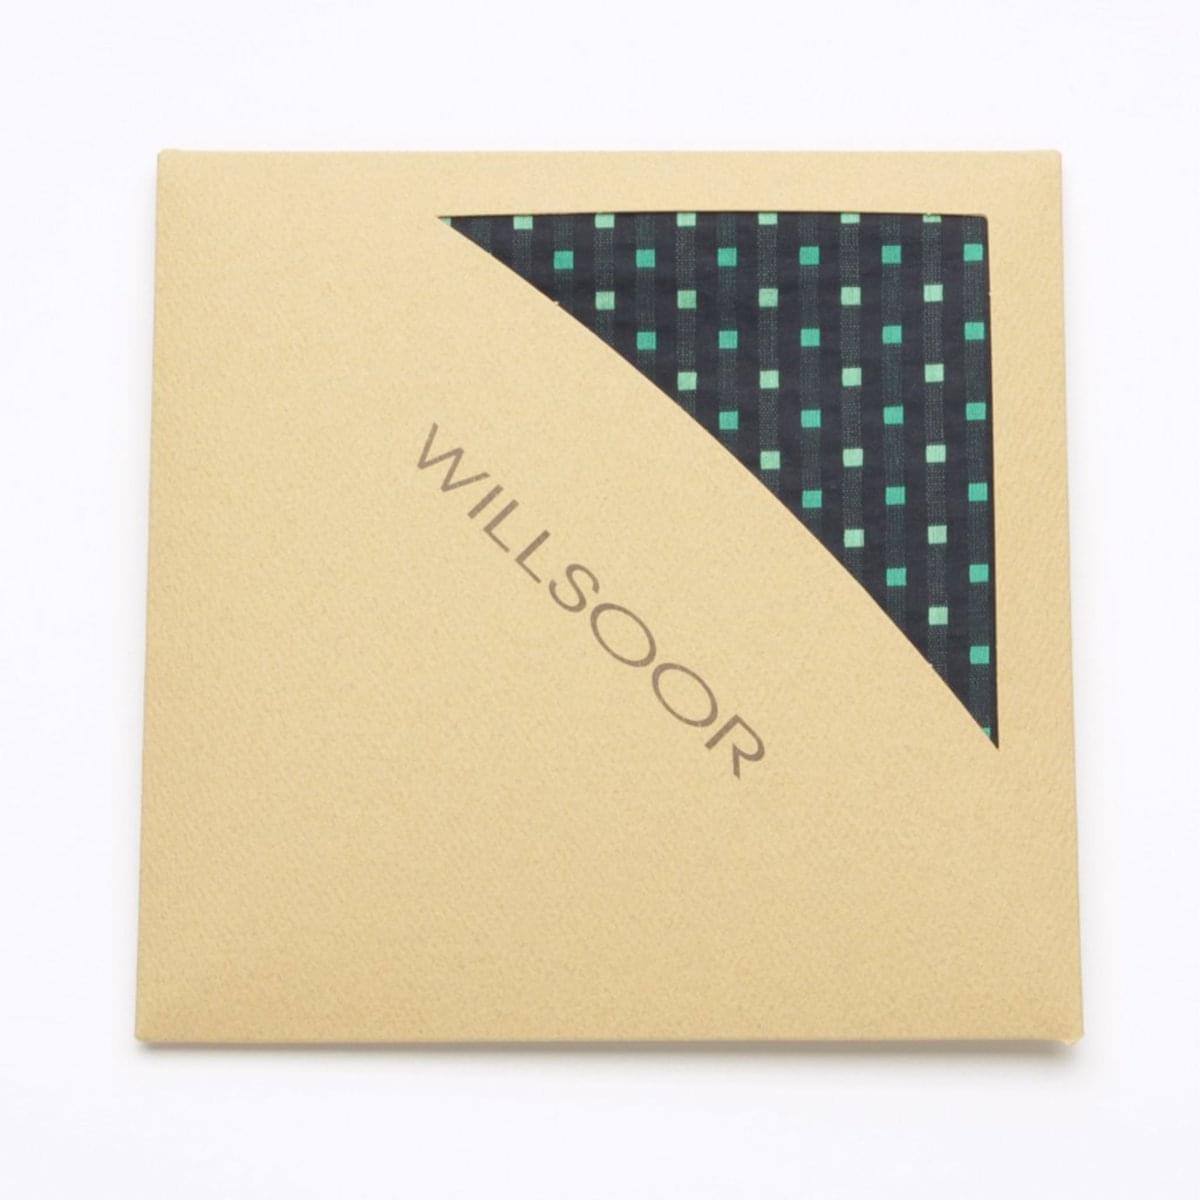 Pánský kapesníček do klopy Willsoor (vzor 107) 5993 v černé barvě